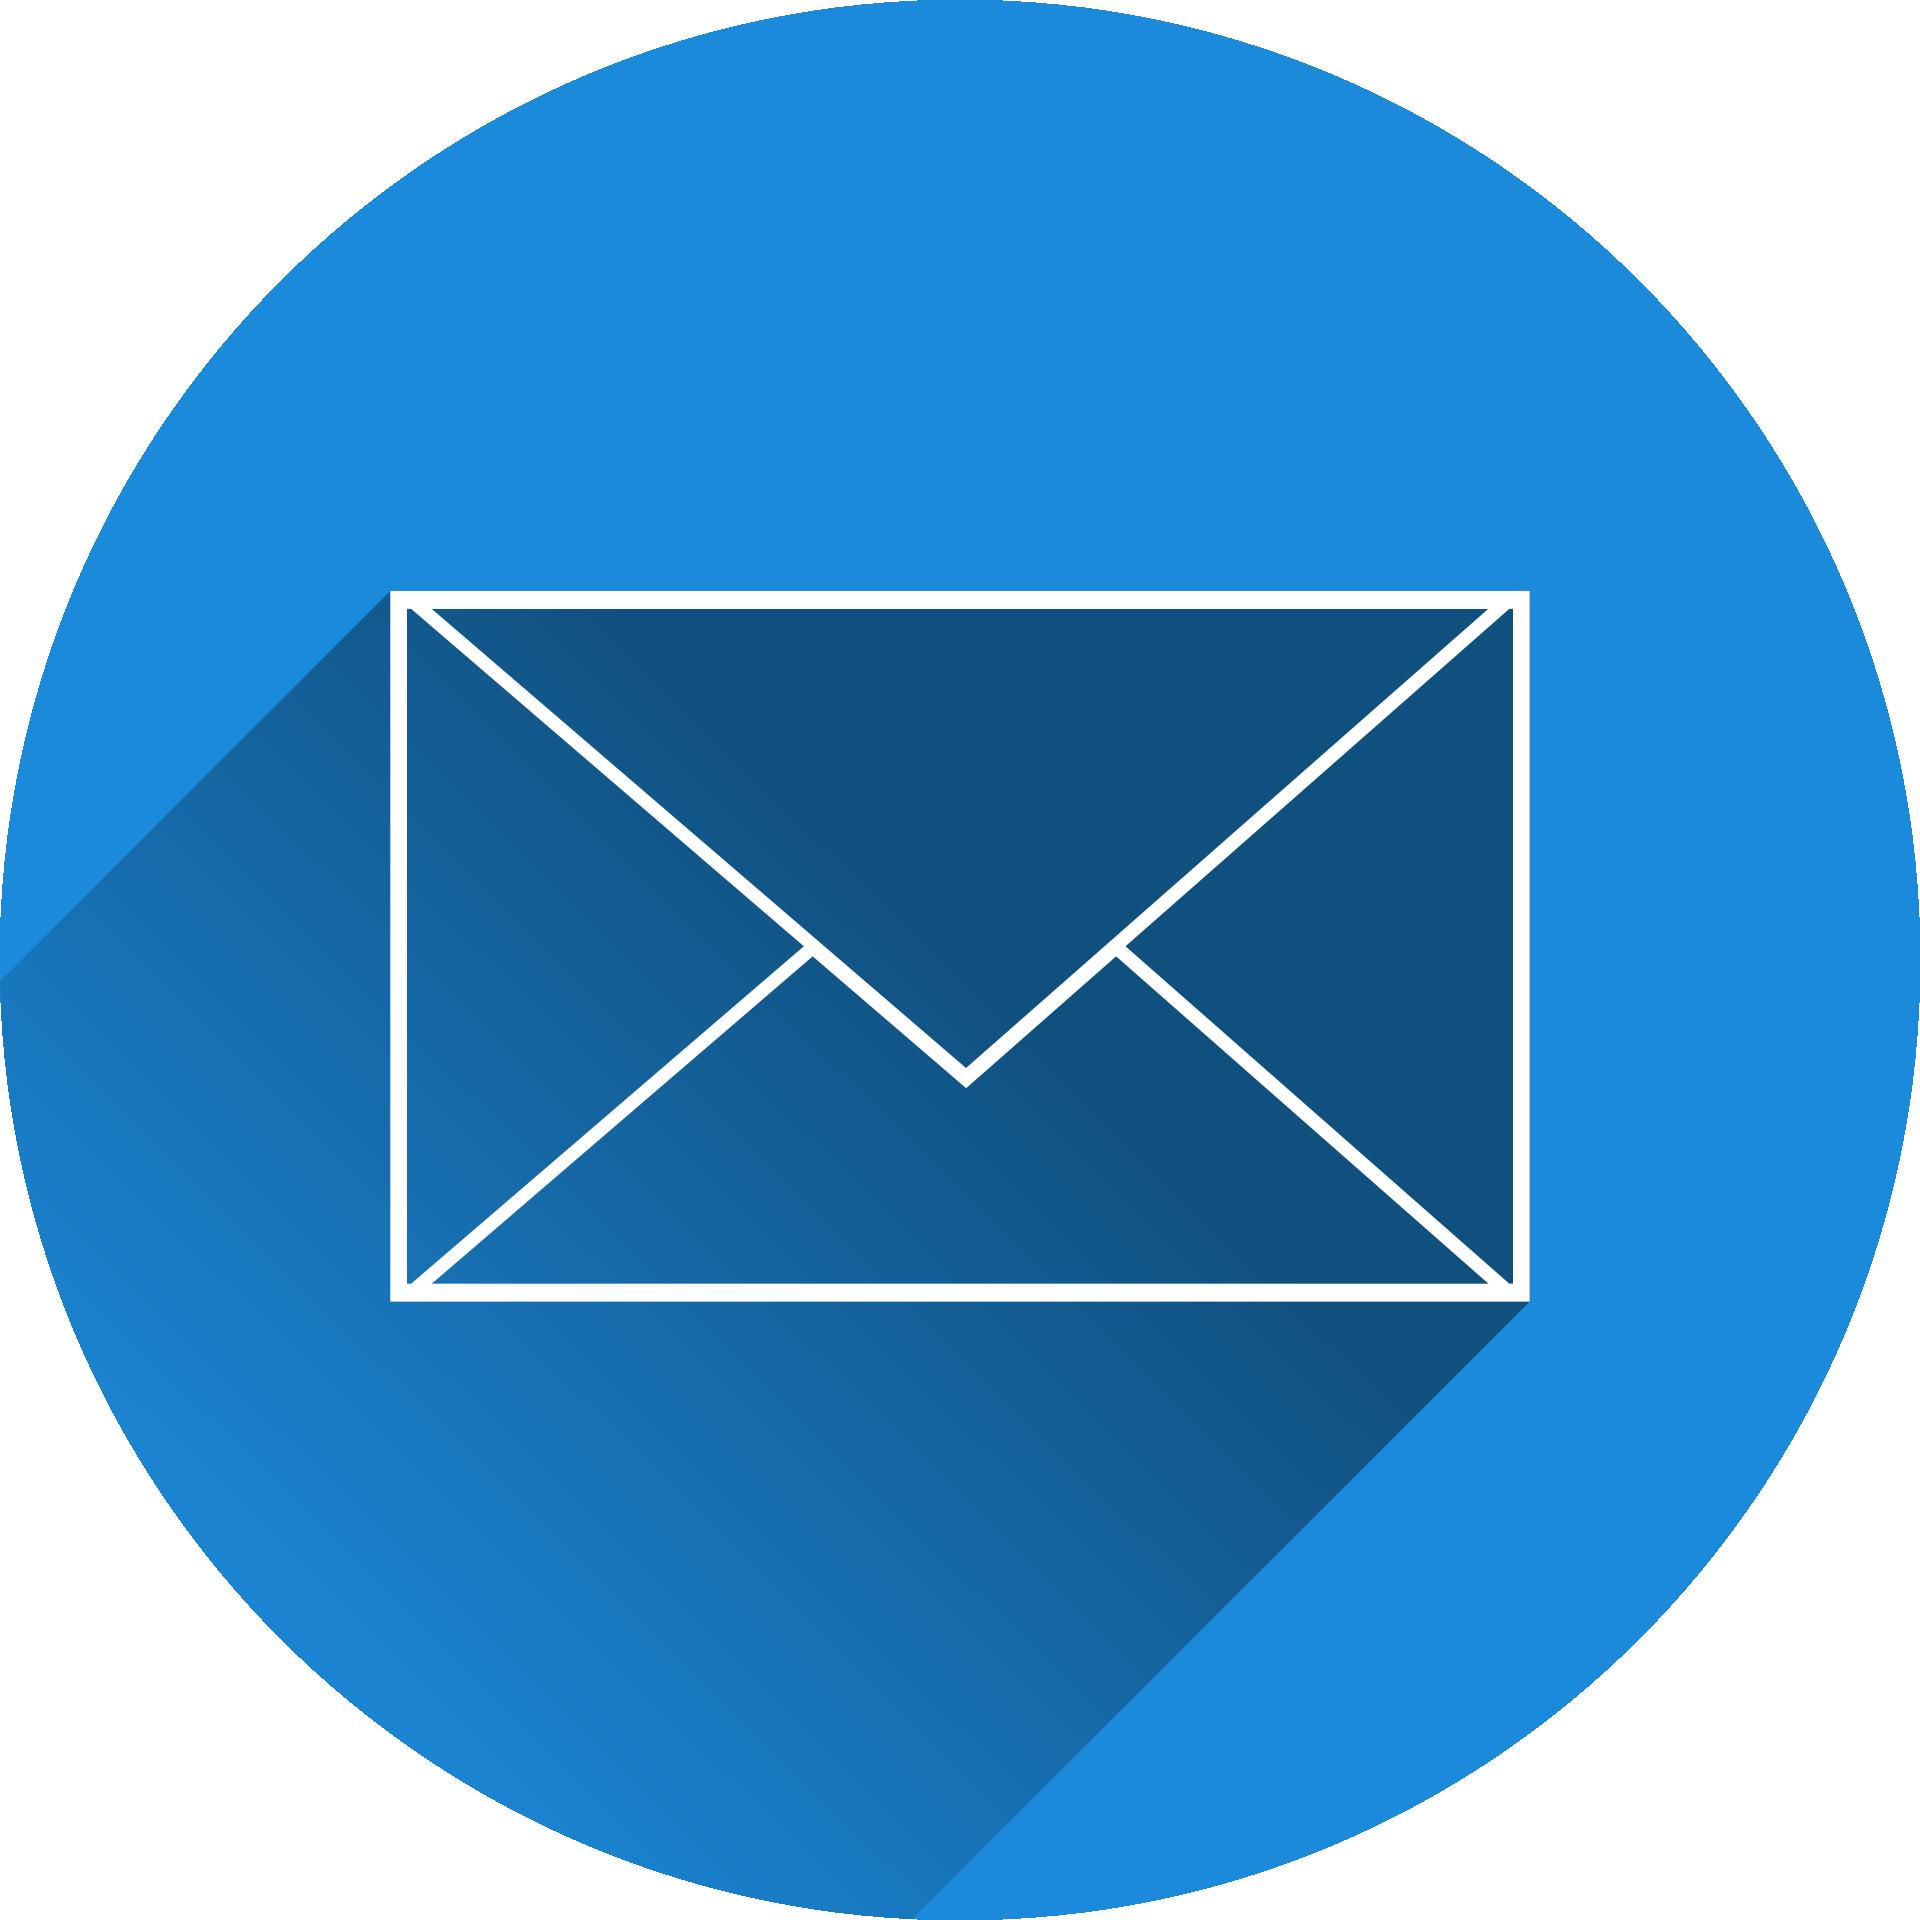 Картинка для письма в почте